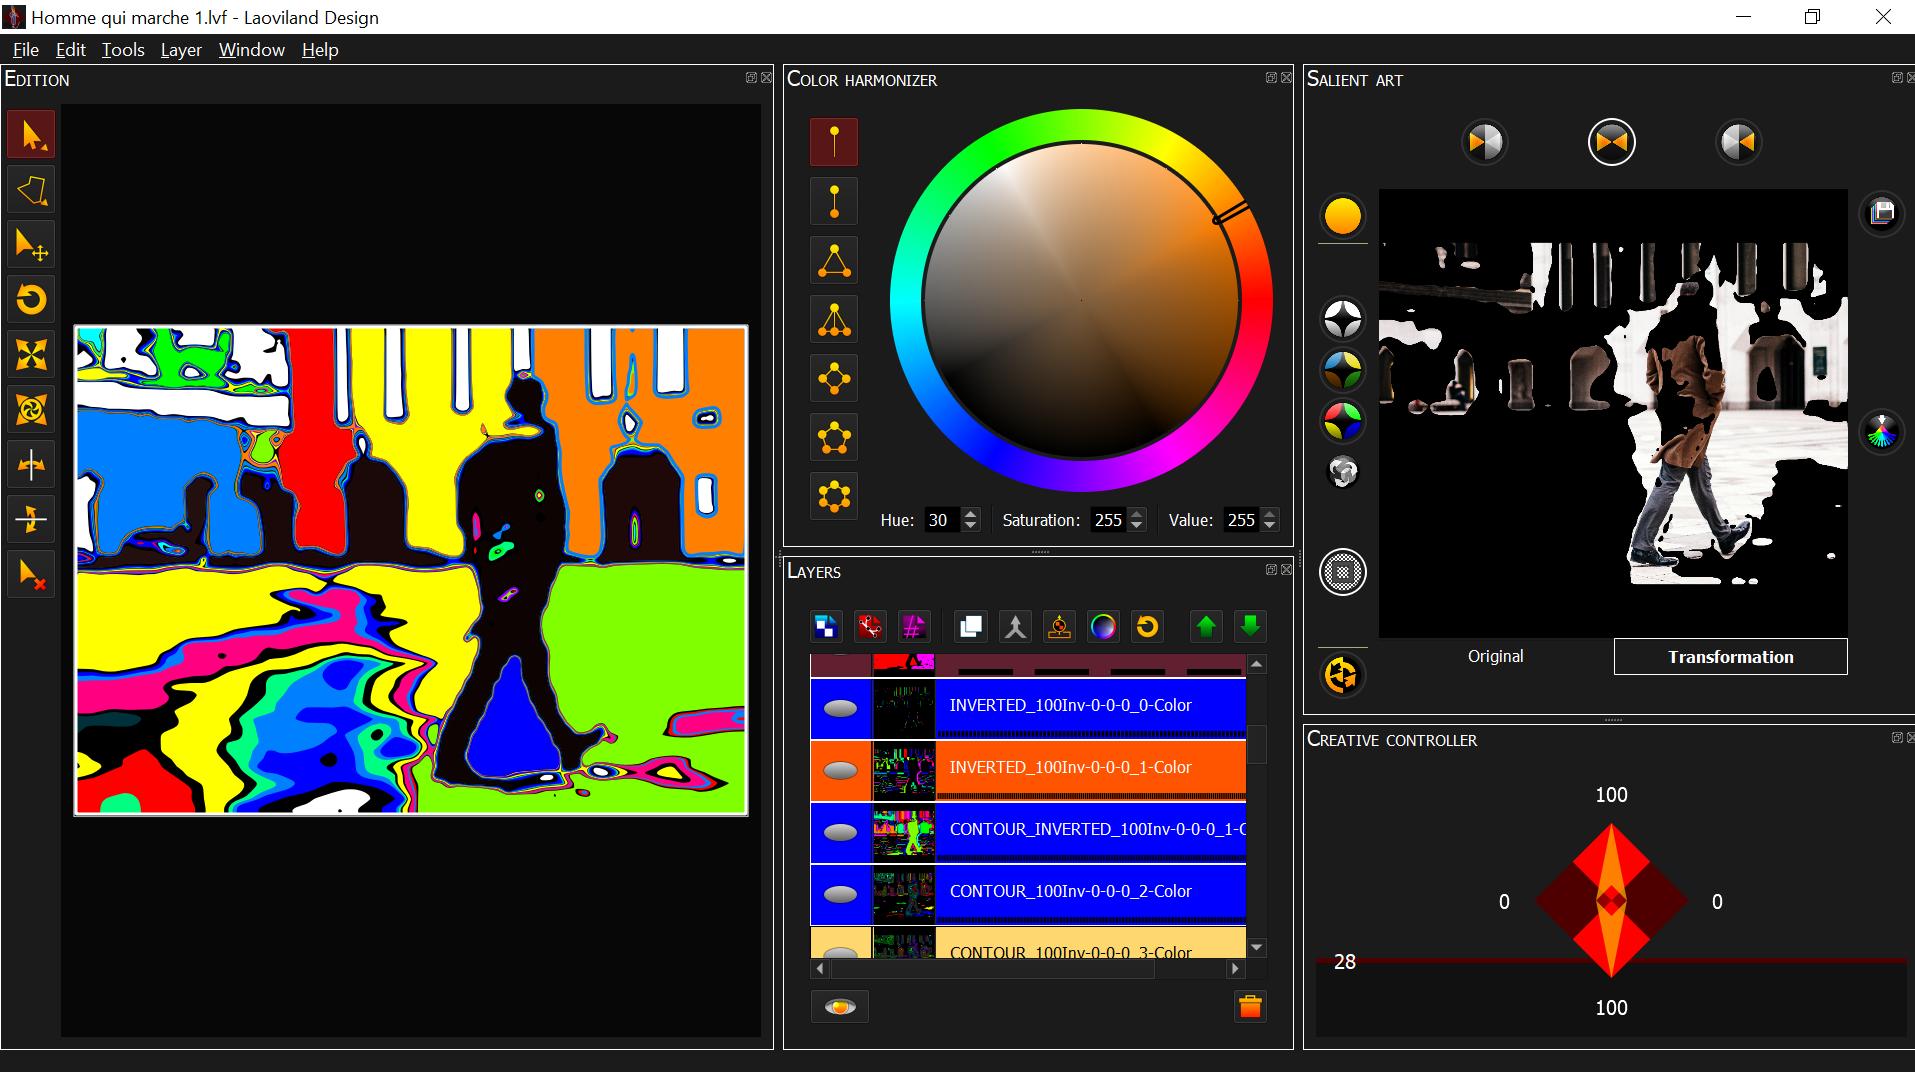 Avis Laoviland Salient Design : Révolutionnez vos usages créatifs sans CopyRight ! - appvizer